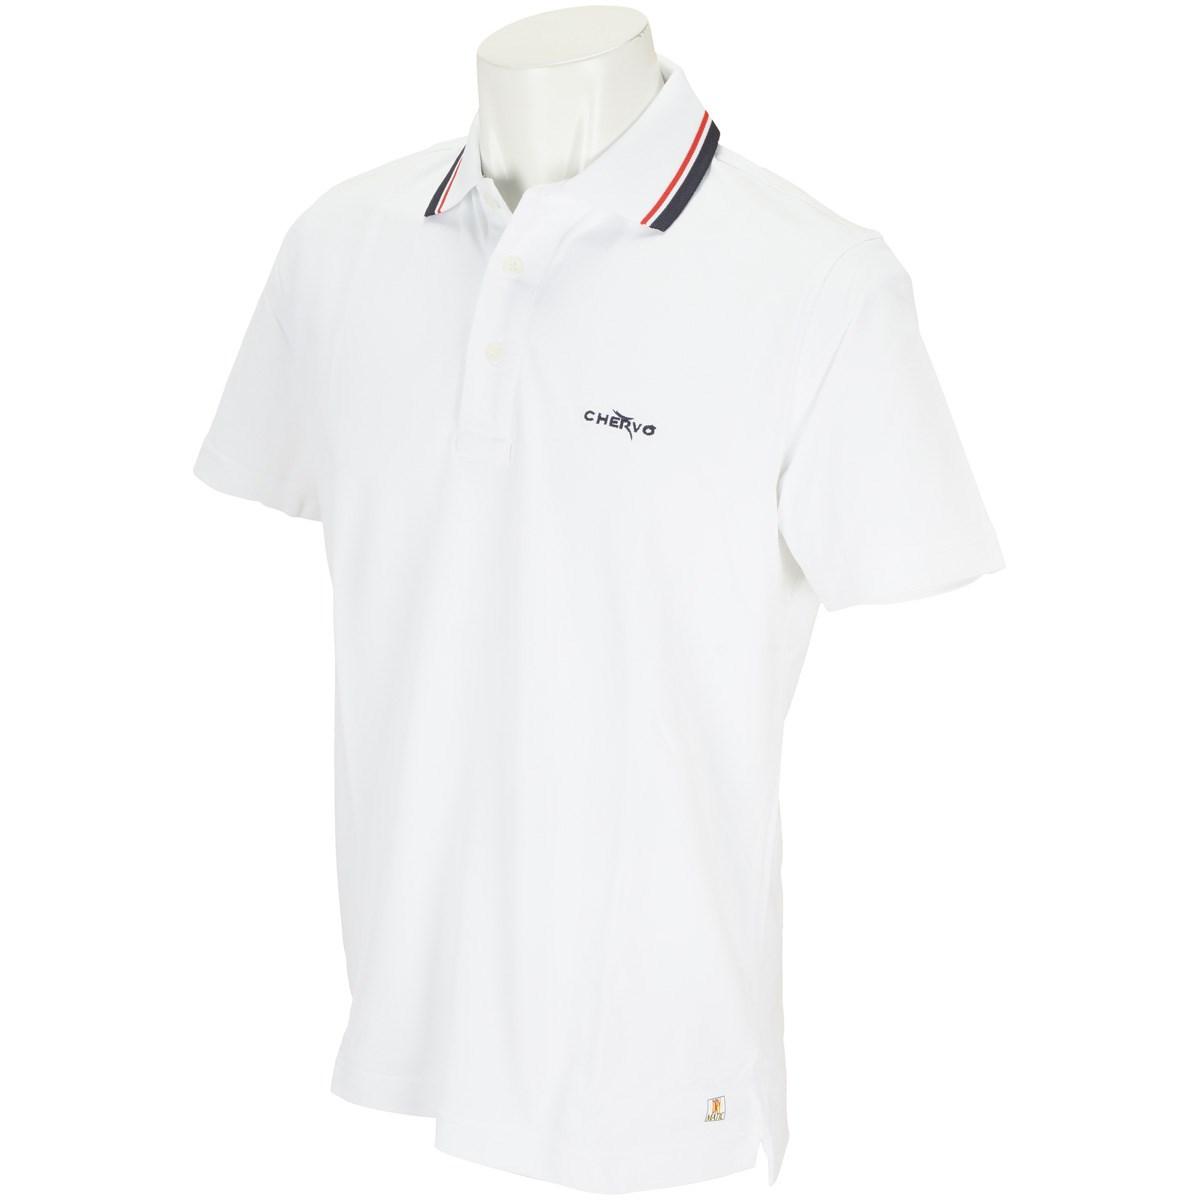 シェルボ(CHERVO) AFFETTO 半袖ポロシャツ